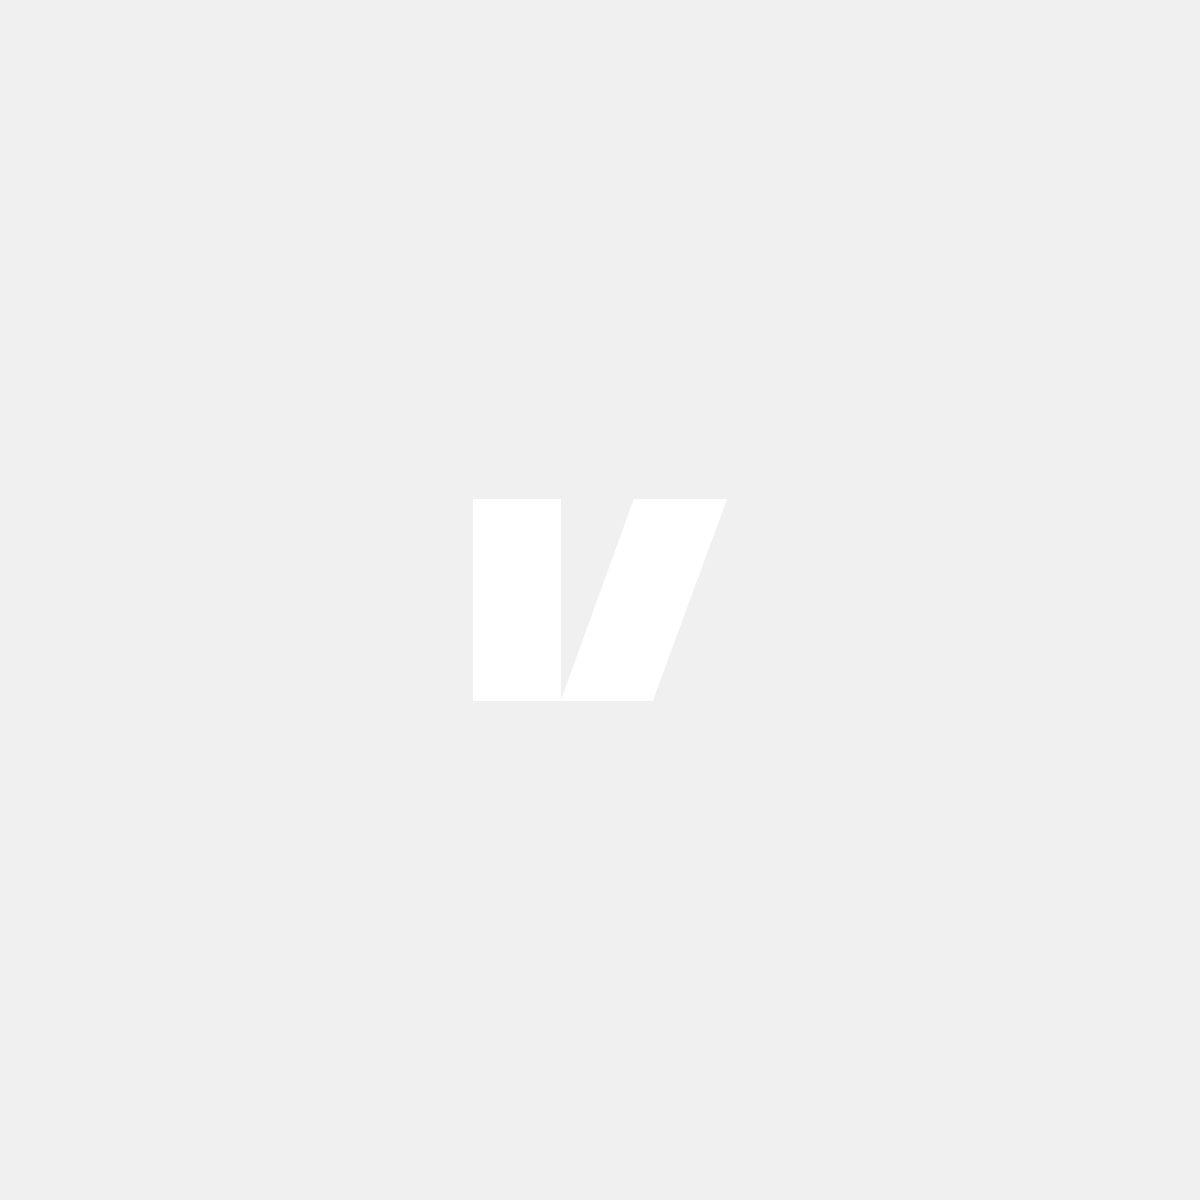 Kolfiber backspegelkåpor till Volvo XC60 14-